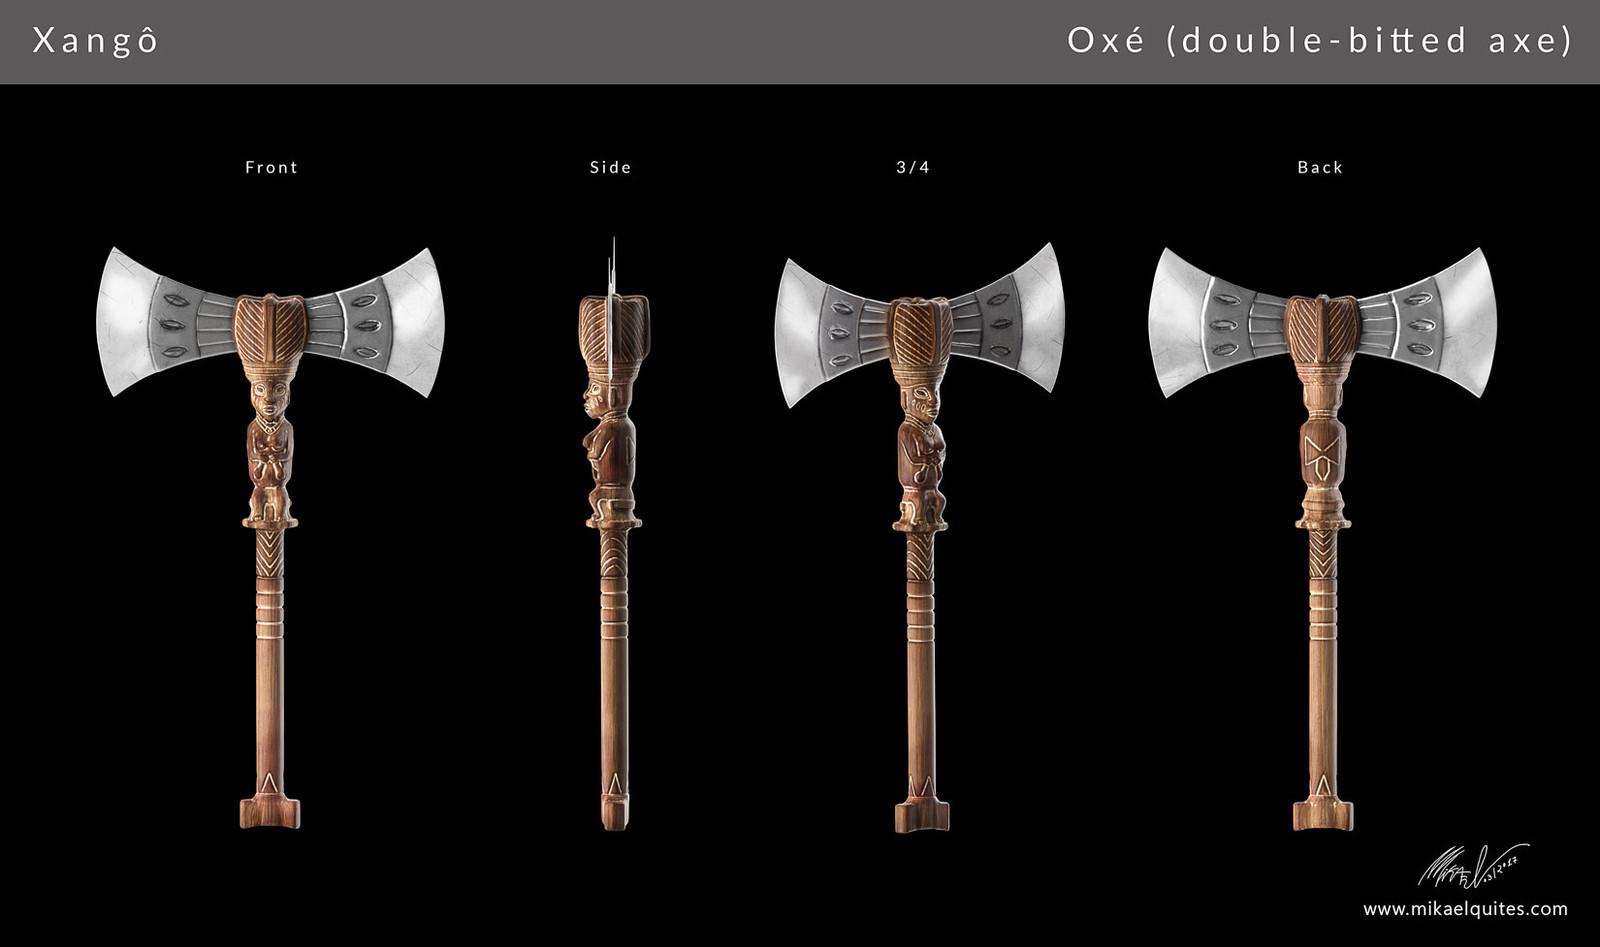 Final design of oxé